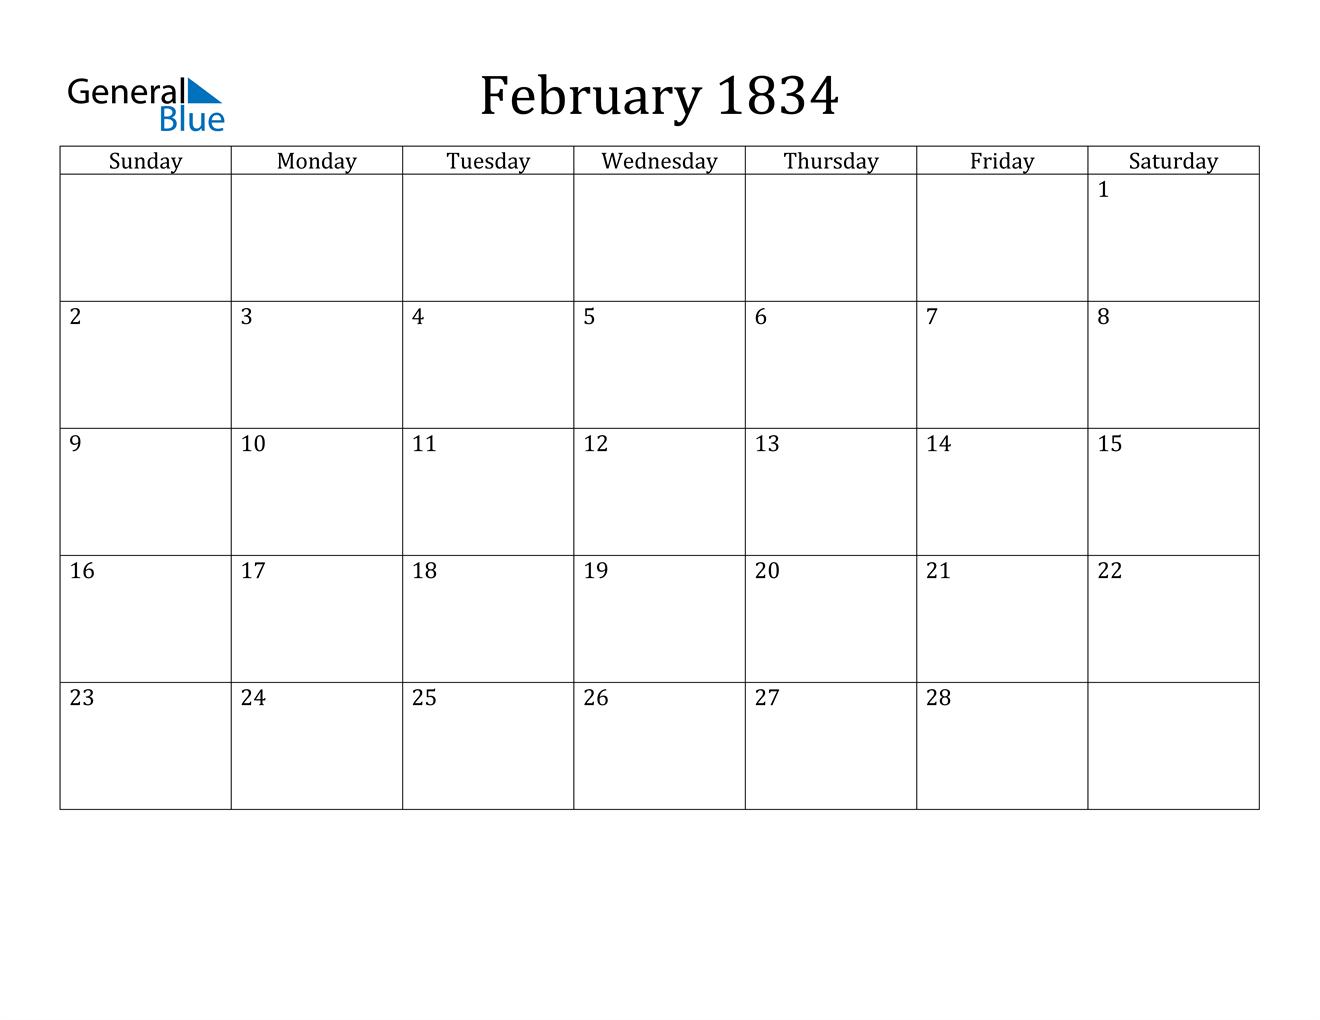 Image of February 1834 Calendar